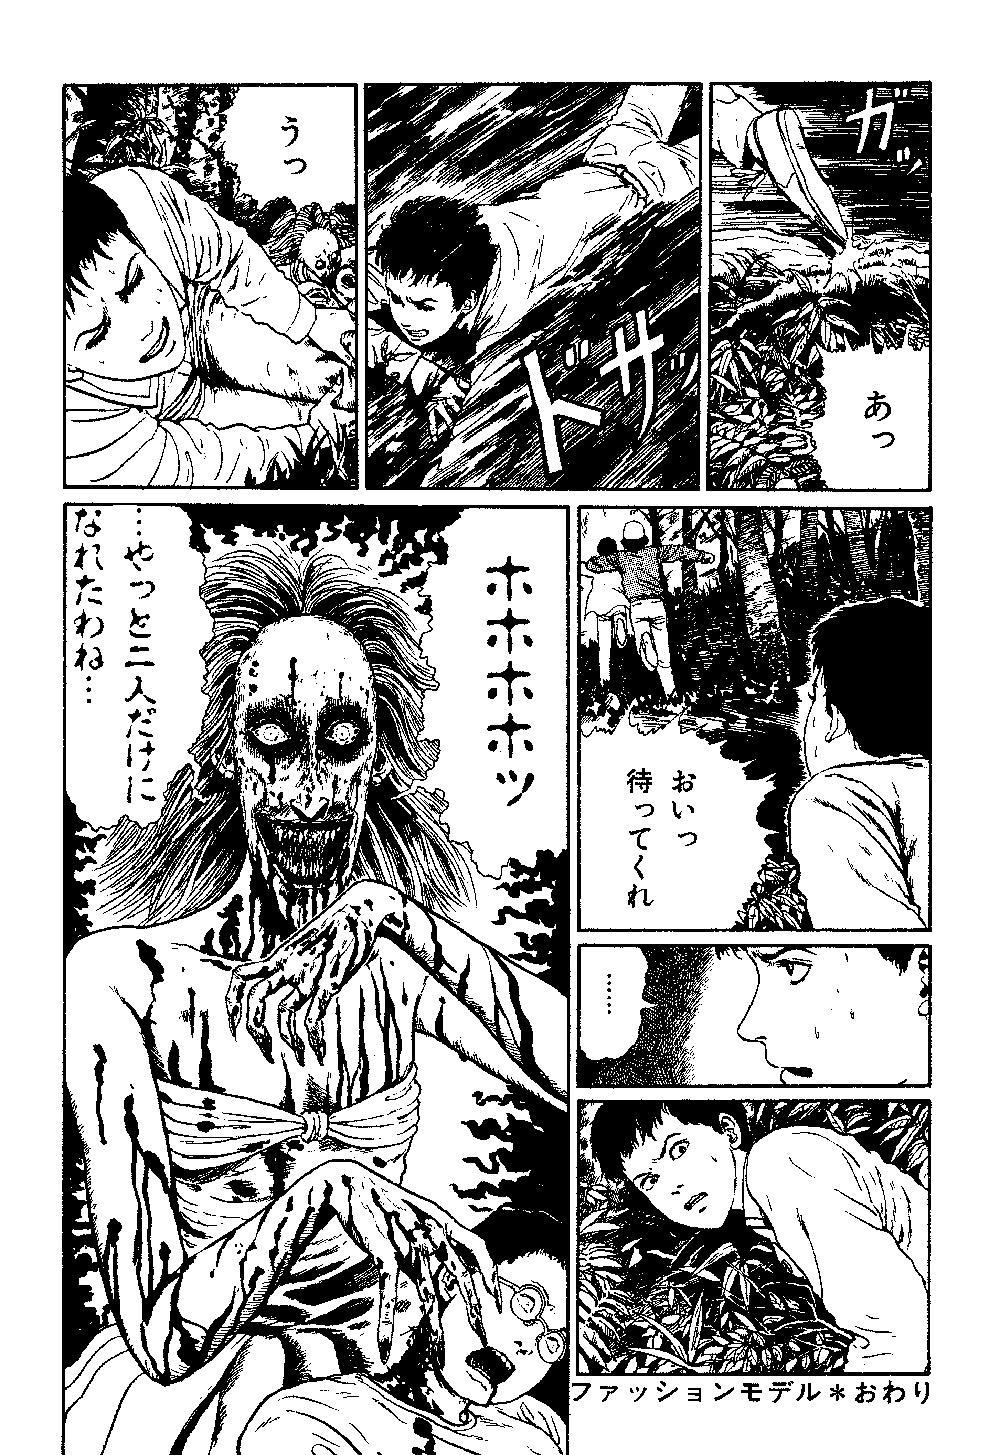 itouj_0006_0068.jpg